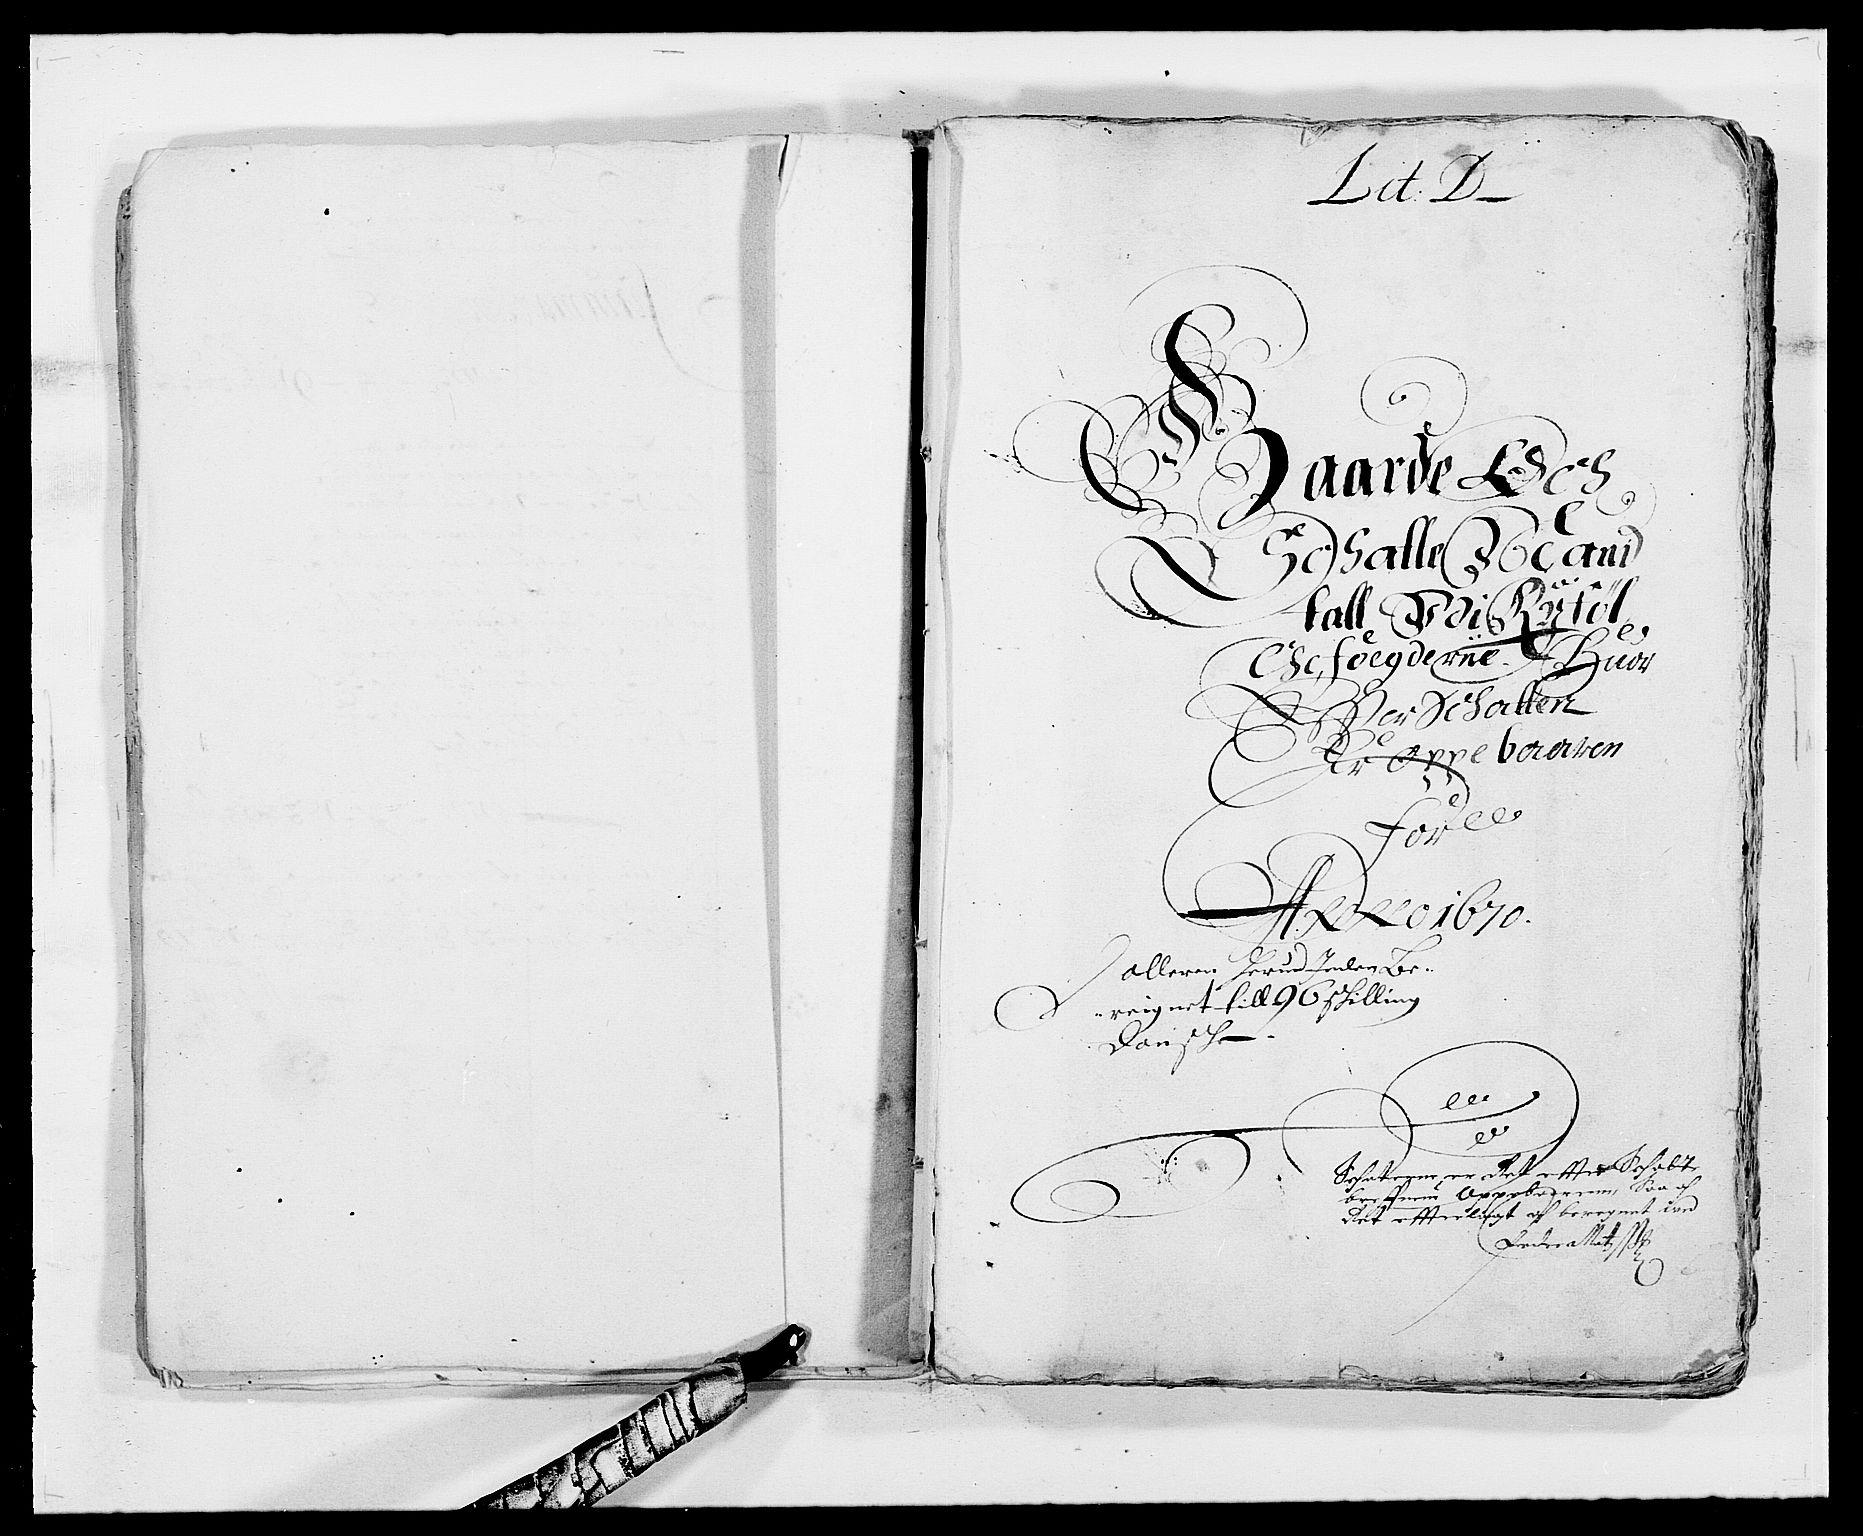 RA, Rentekammeret inntil 1814, Reviderte regnskaper, Fogderegnskap, R47/L2843: Fogderegnskap Ryfylke, 1670-1671, s. 57